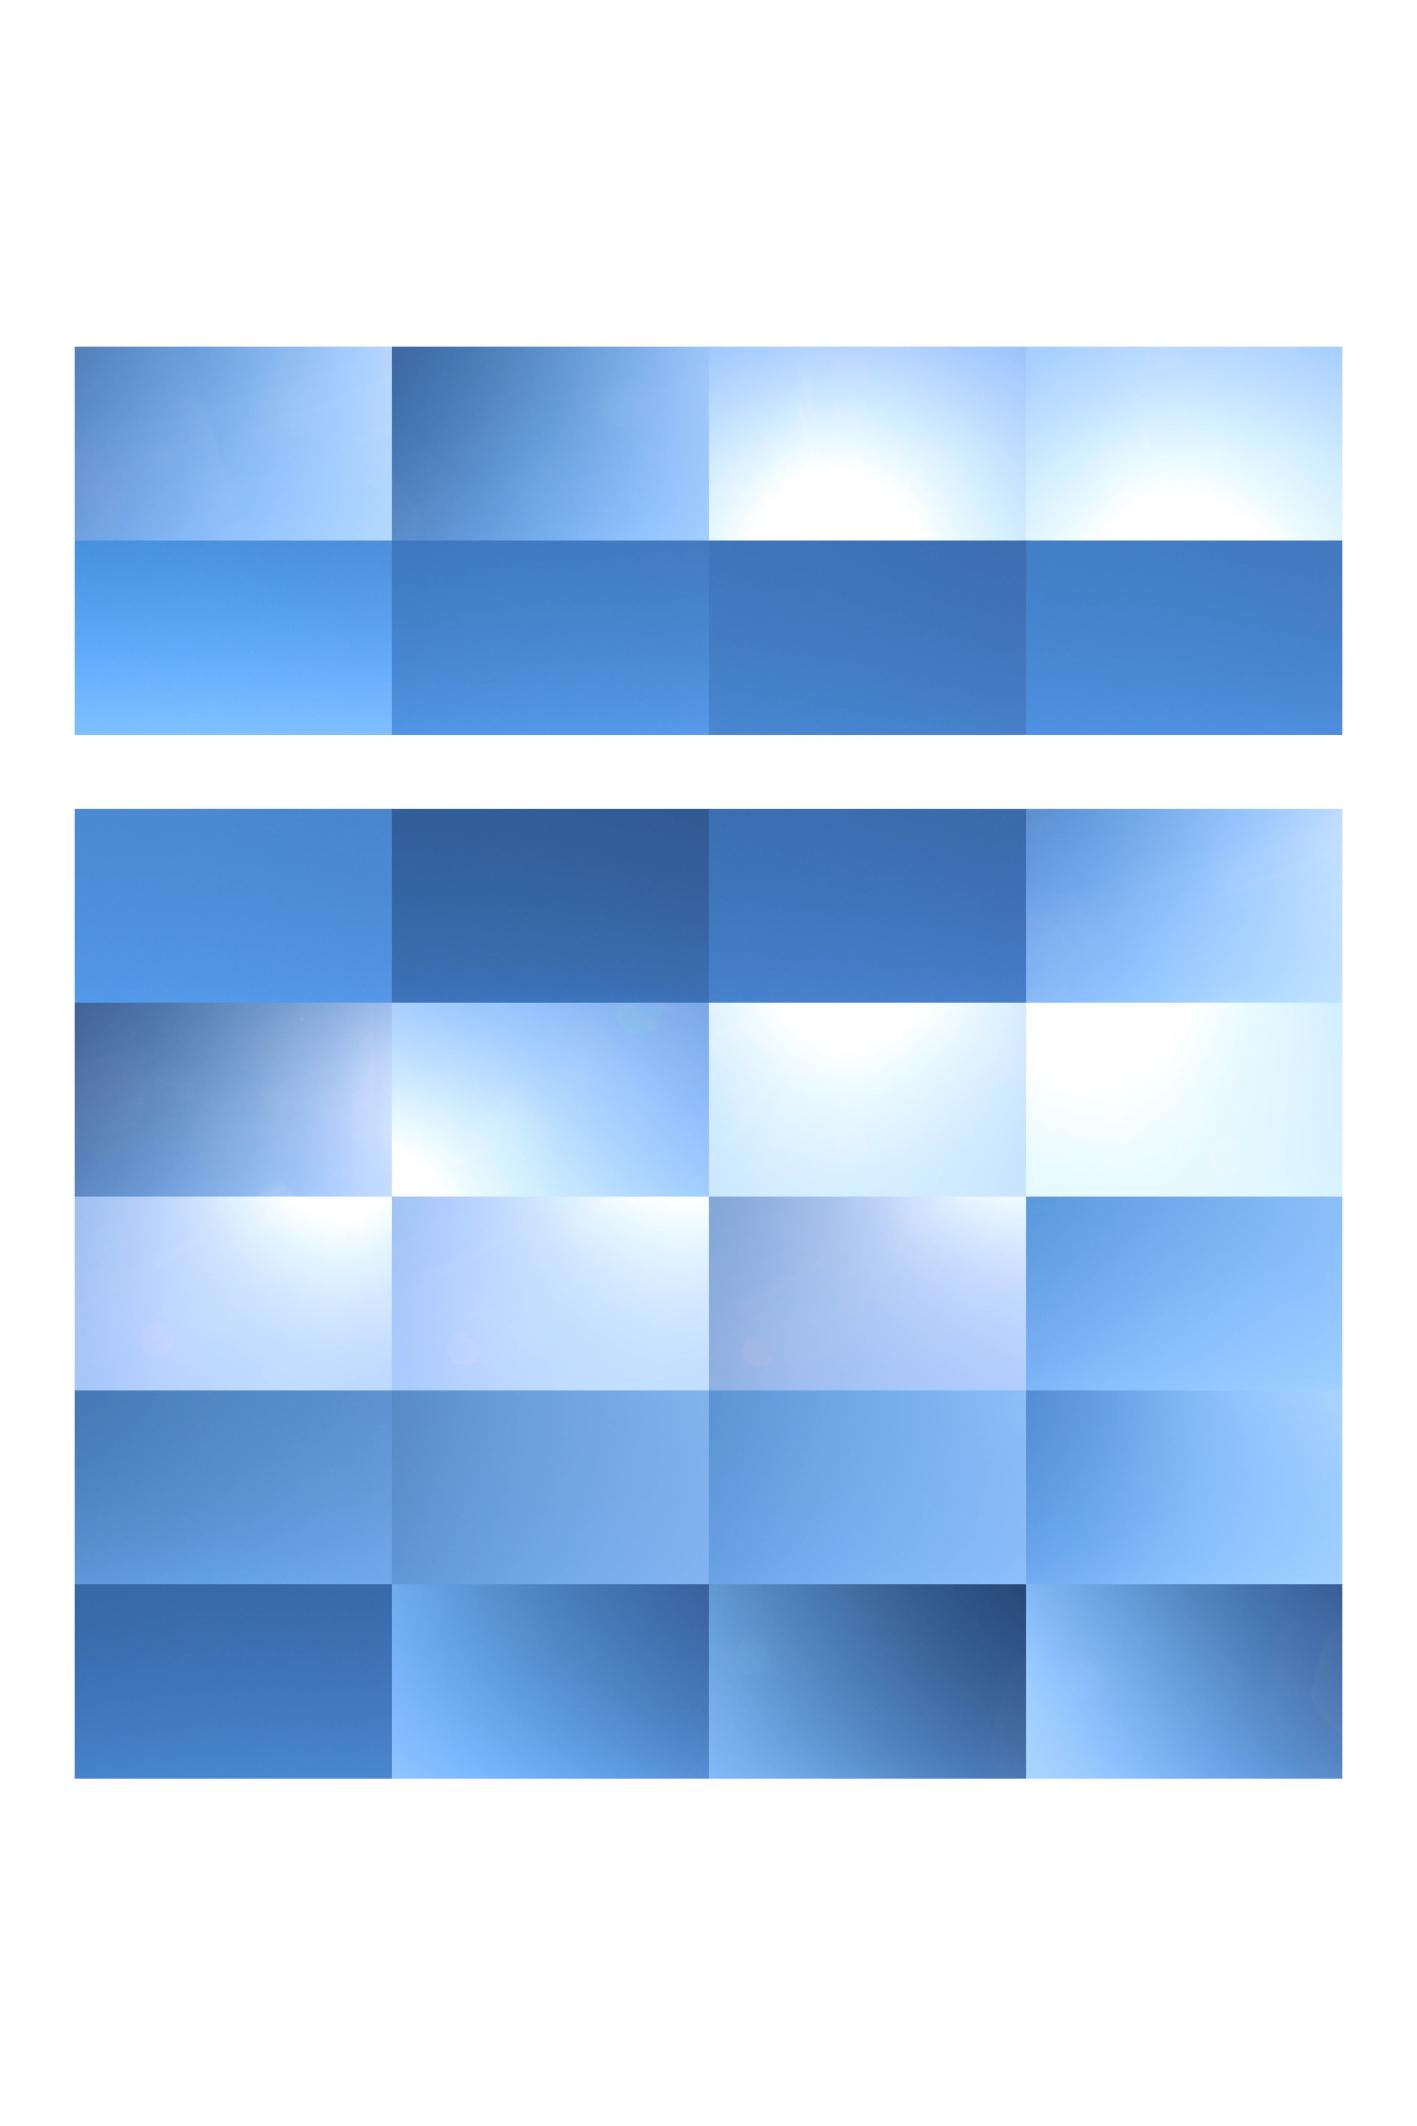 Markus Feiler - SKY BLUE 6_Künstler_artist_Kunst_art